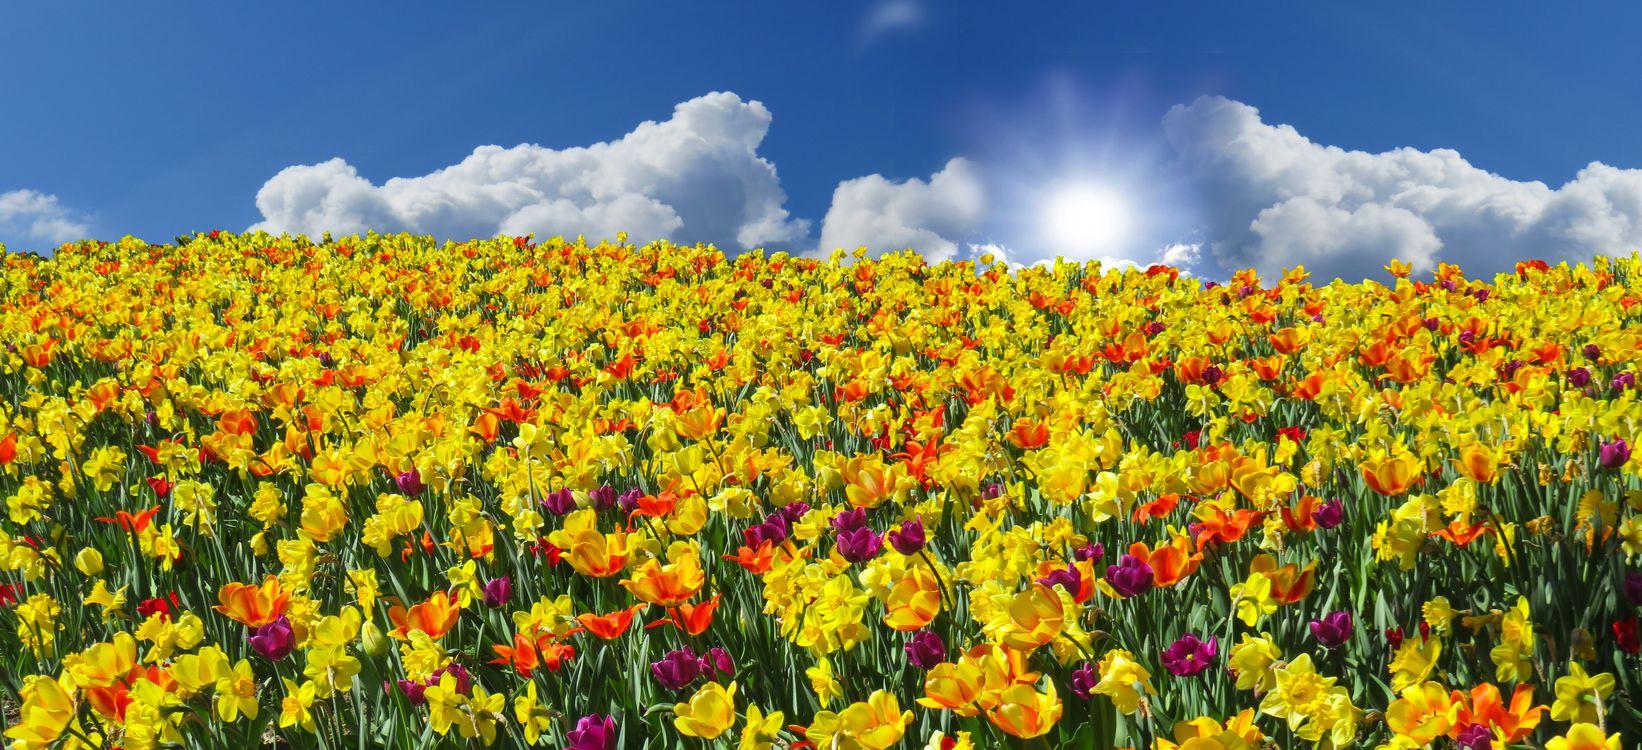 Фото бесплатно поле, тюльпаны, нарциссы - на рабочий стол